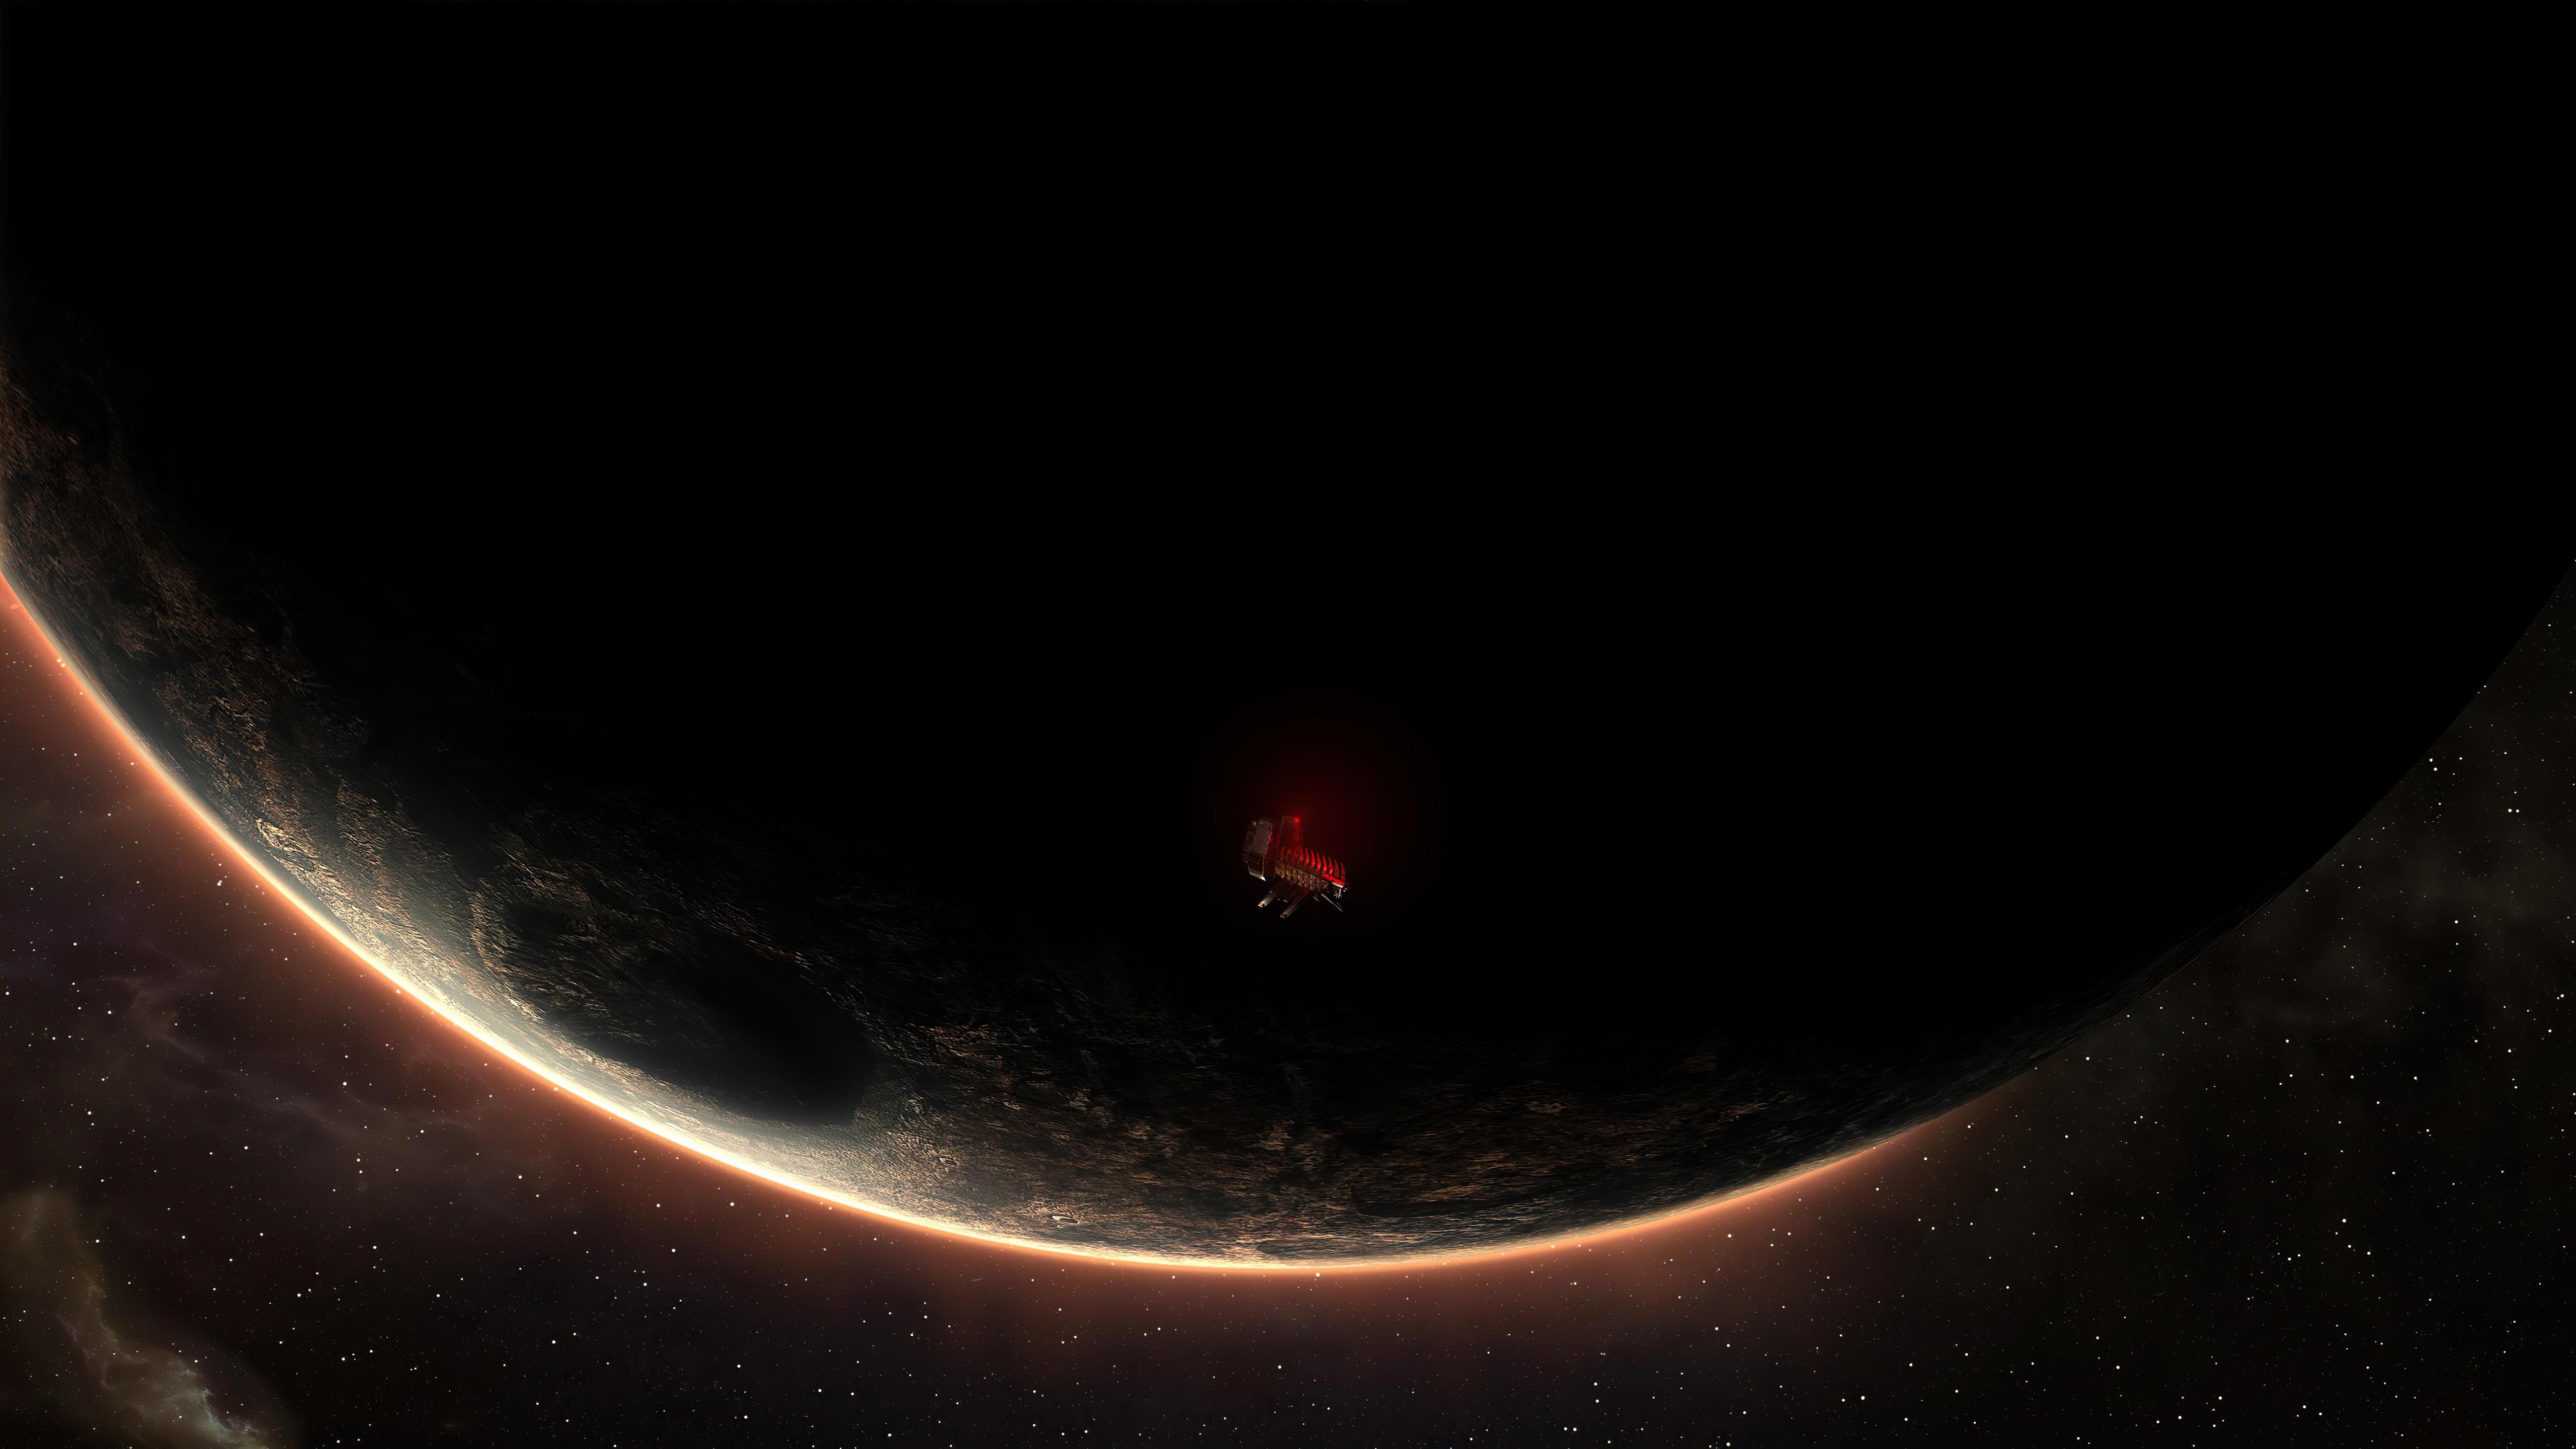 deep space game 4k 1628453678 - Deep Space Game 4k - Deep Space Game 4k wallpapers